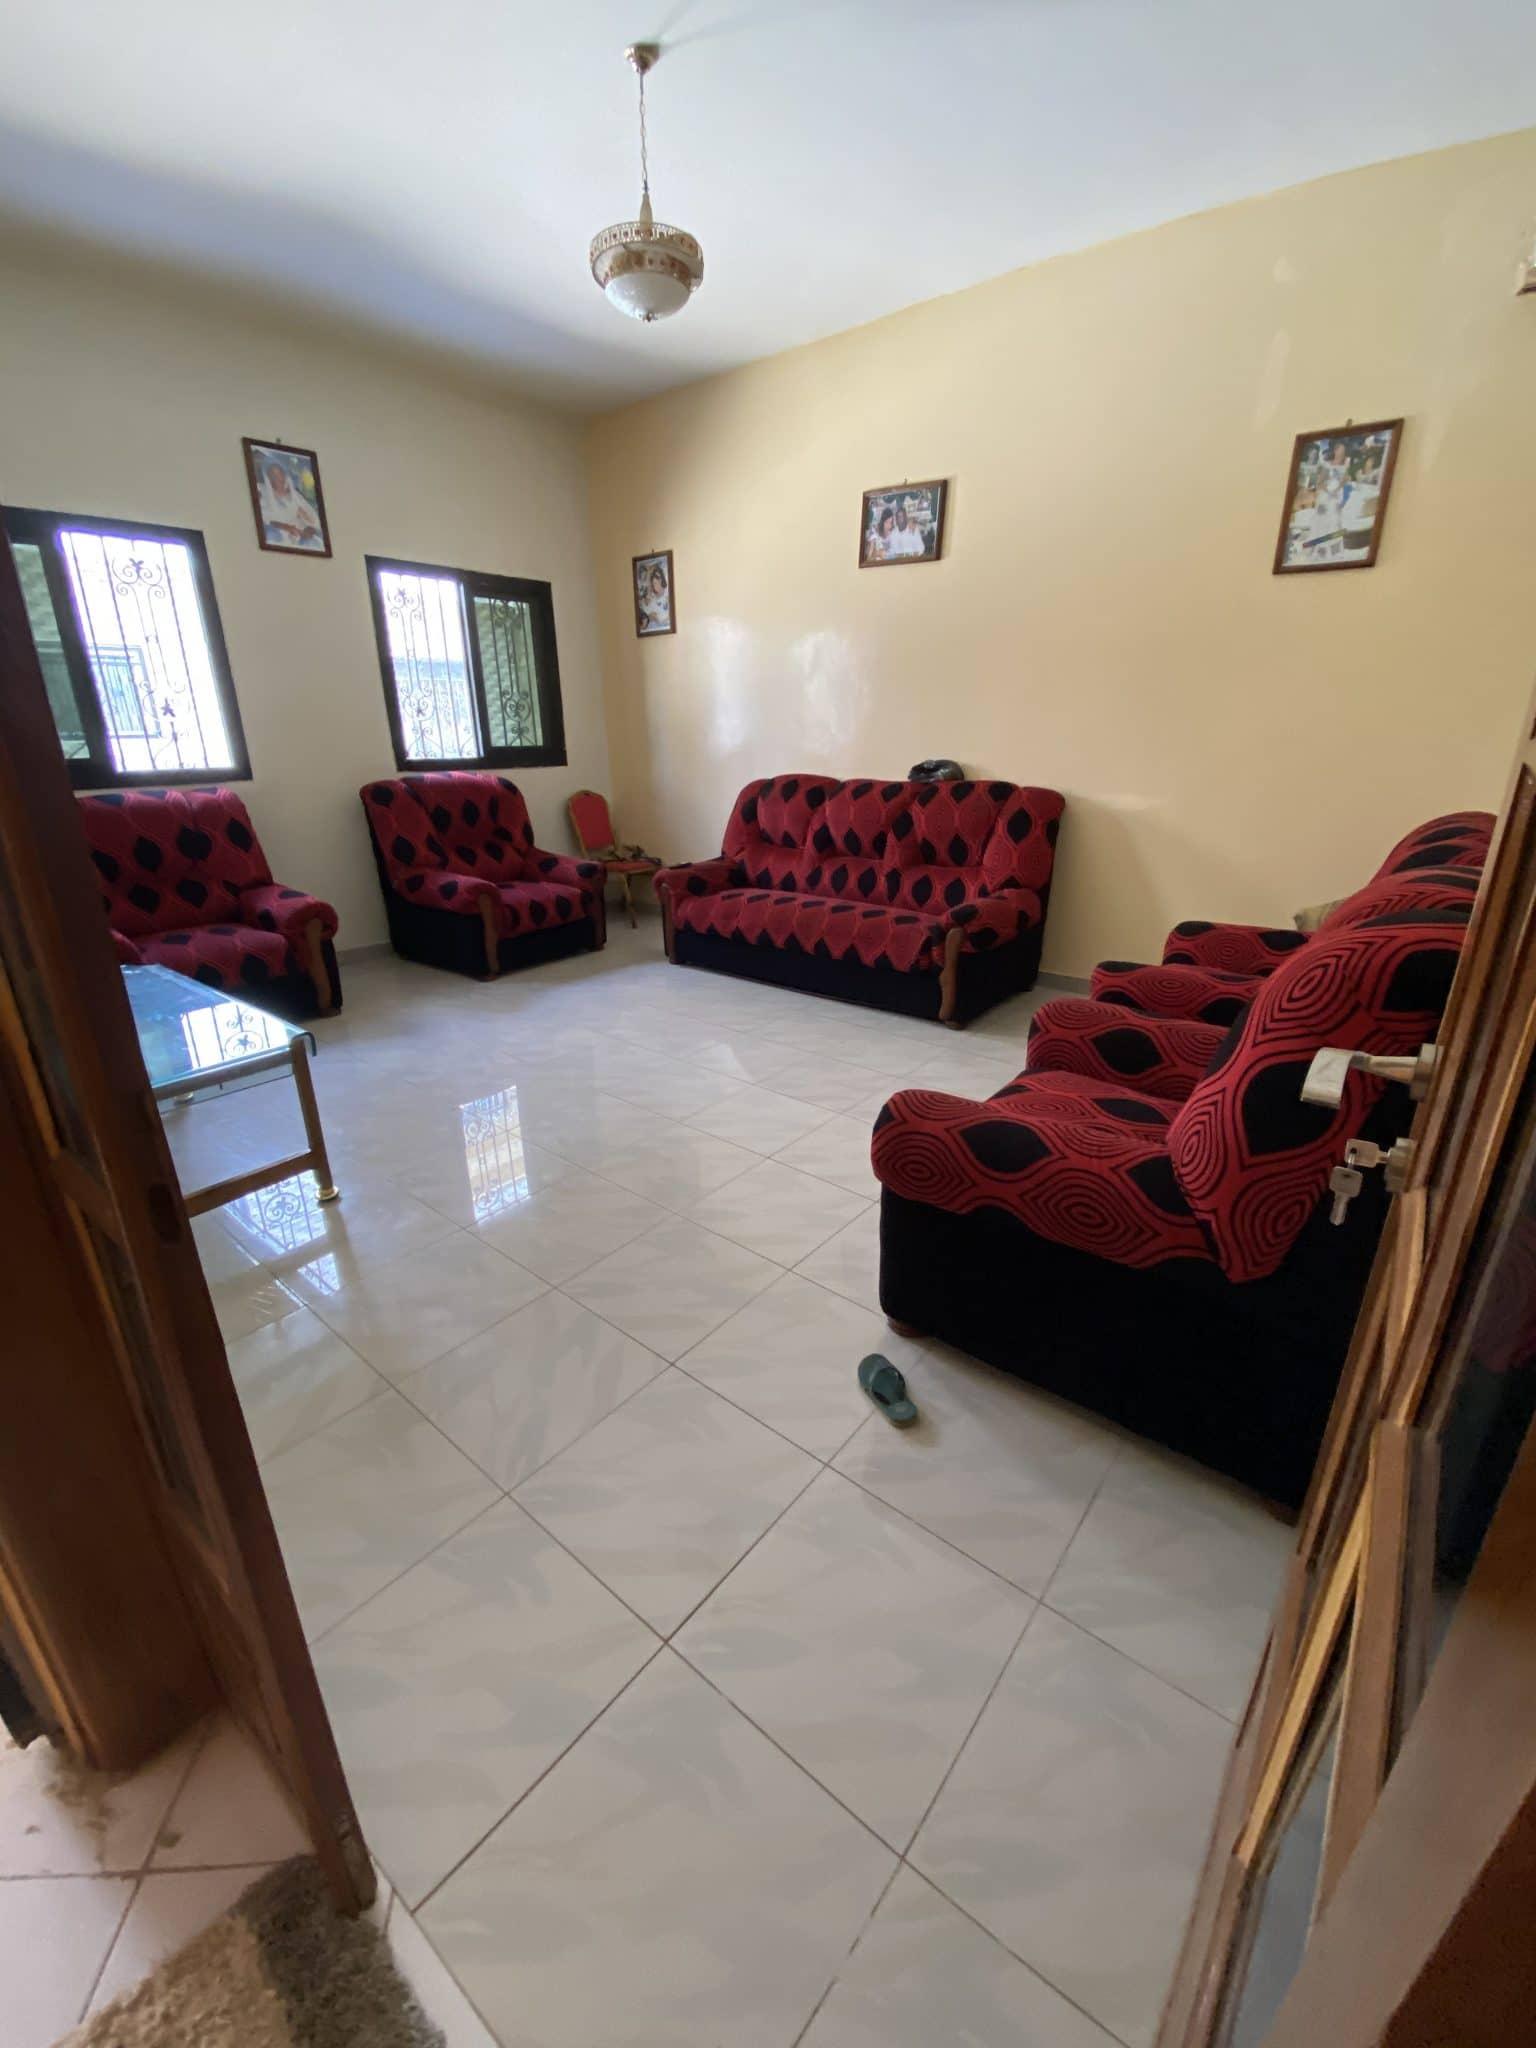 Maison à vendre DAkar Zack Mbao